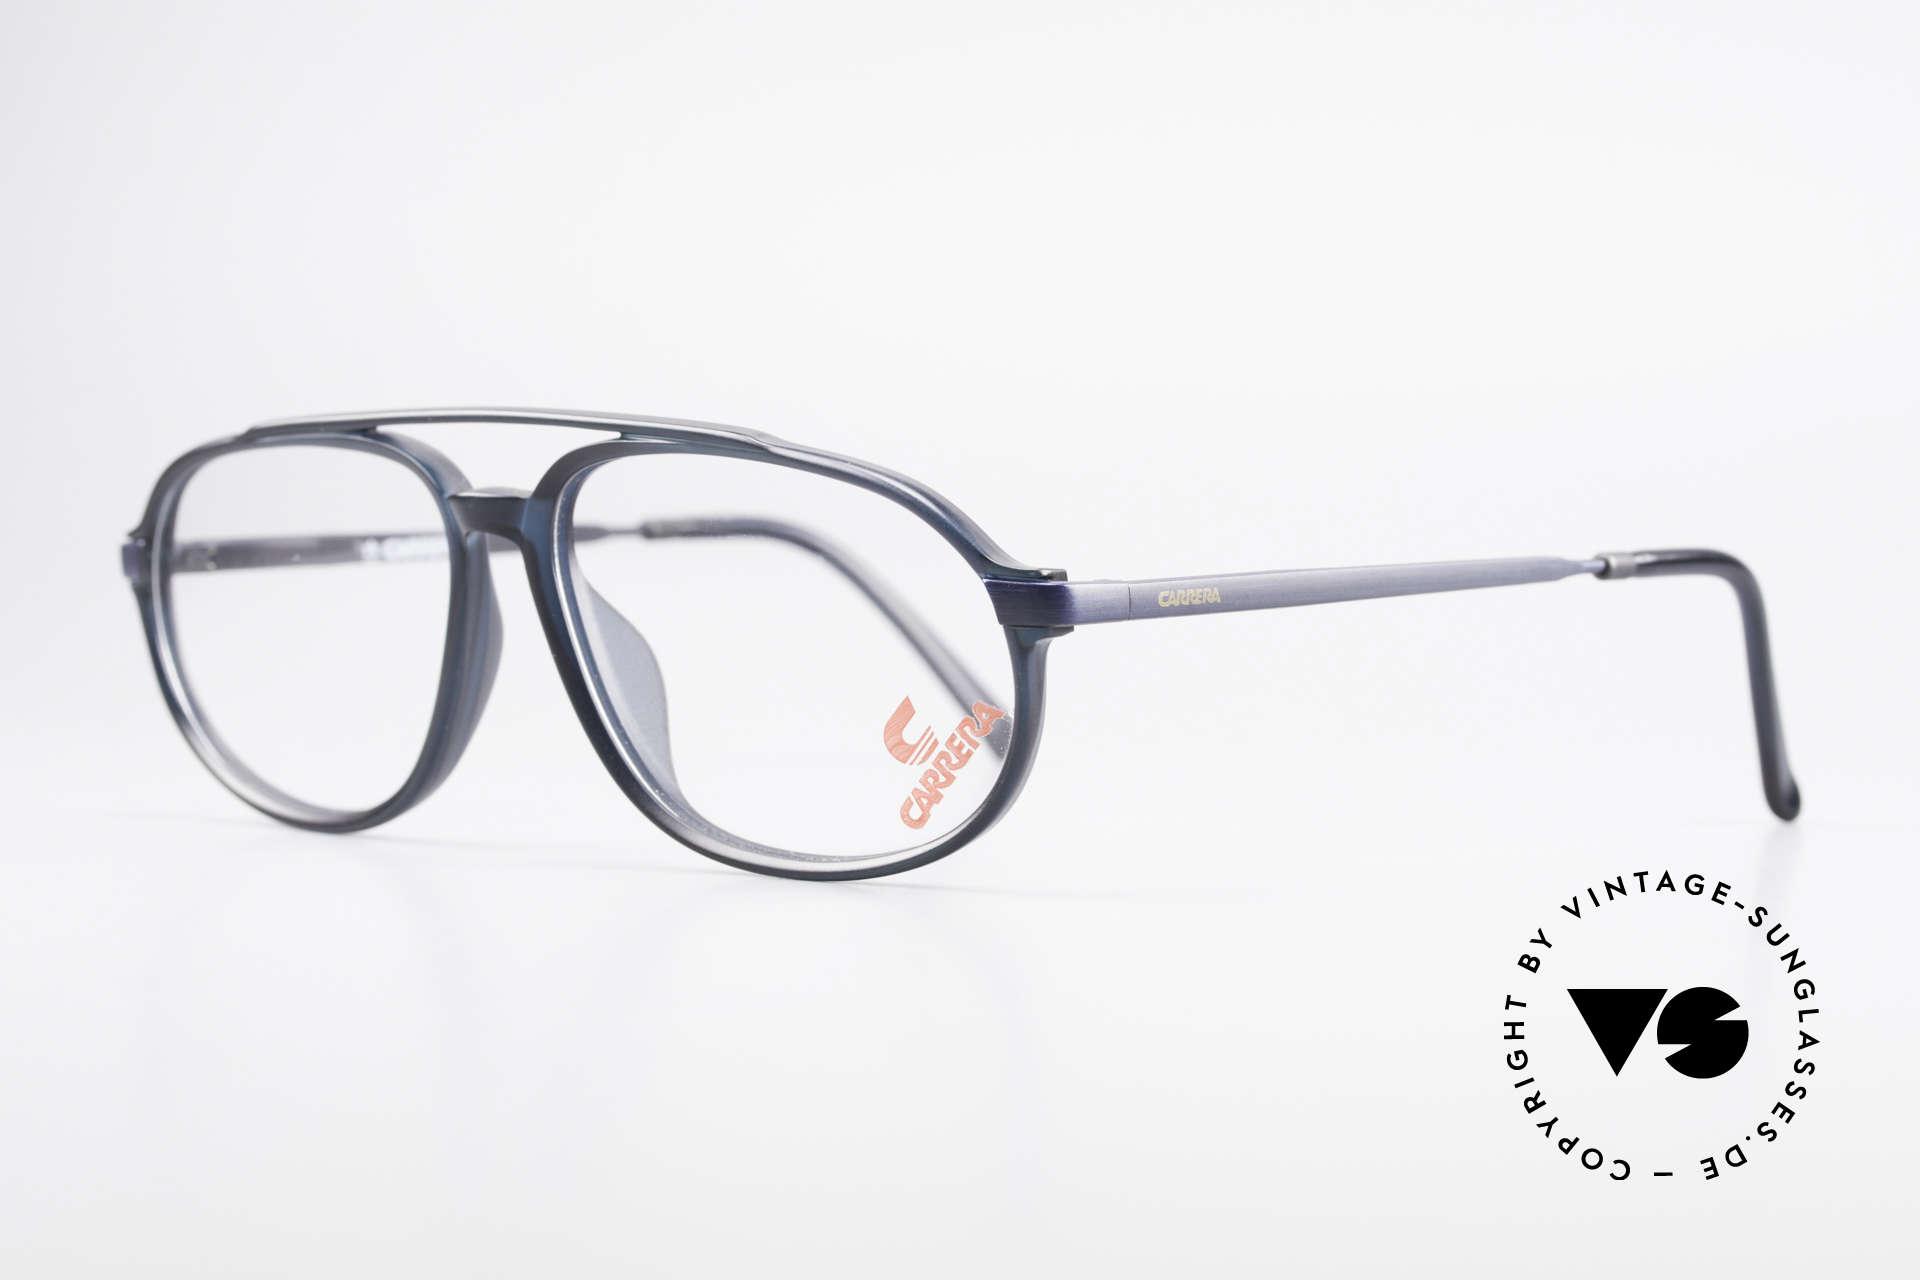 Carrera 4900 90er Vintage Brille No Retro, zudem Federscharniere für eine optimale Passform, Passend für Herren